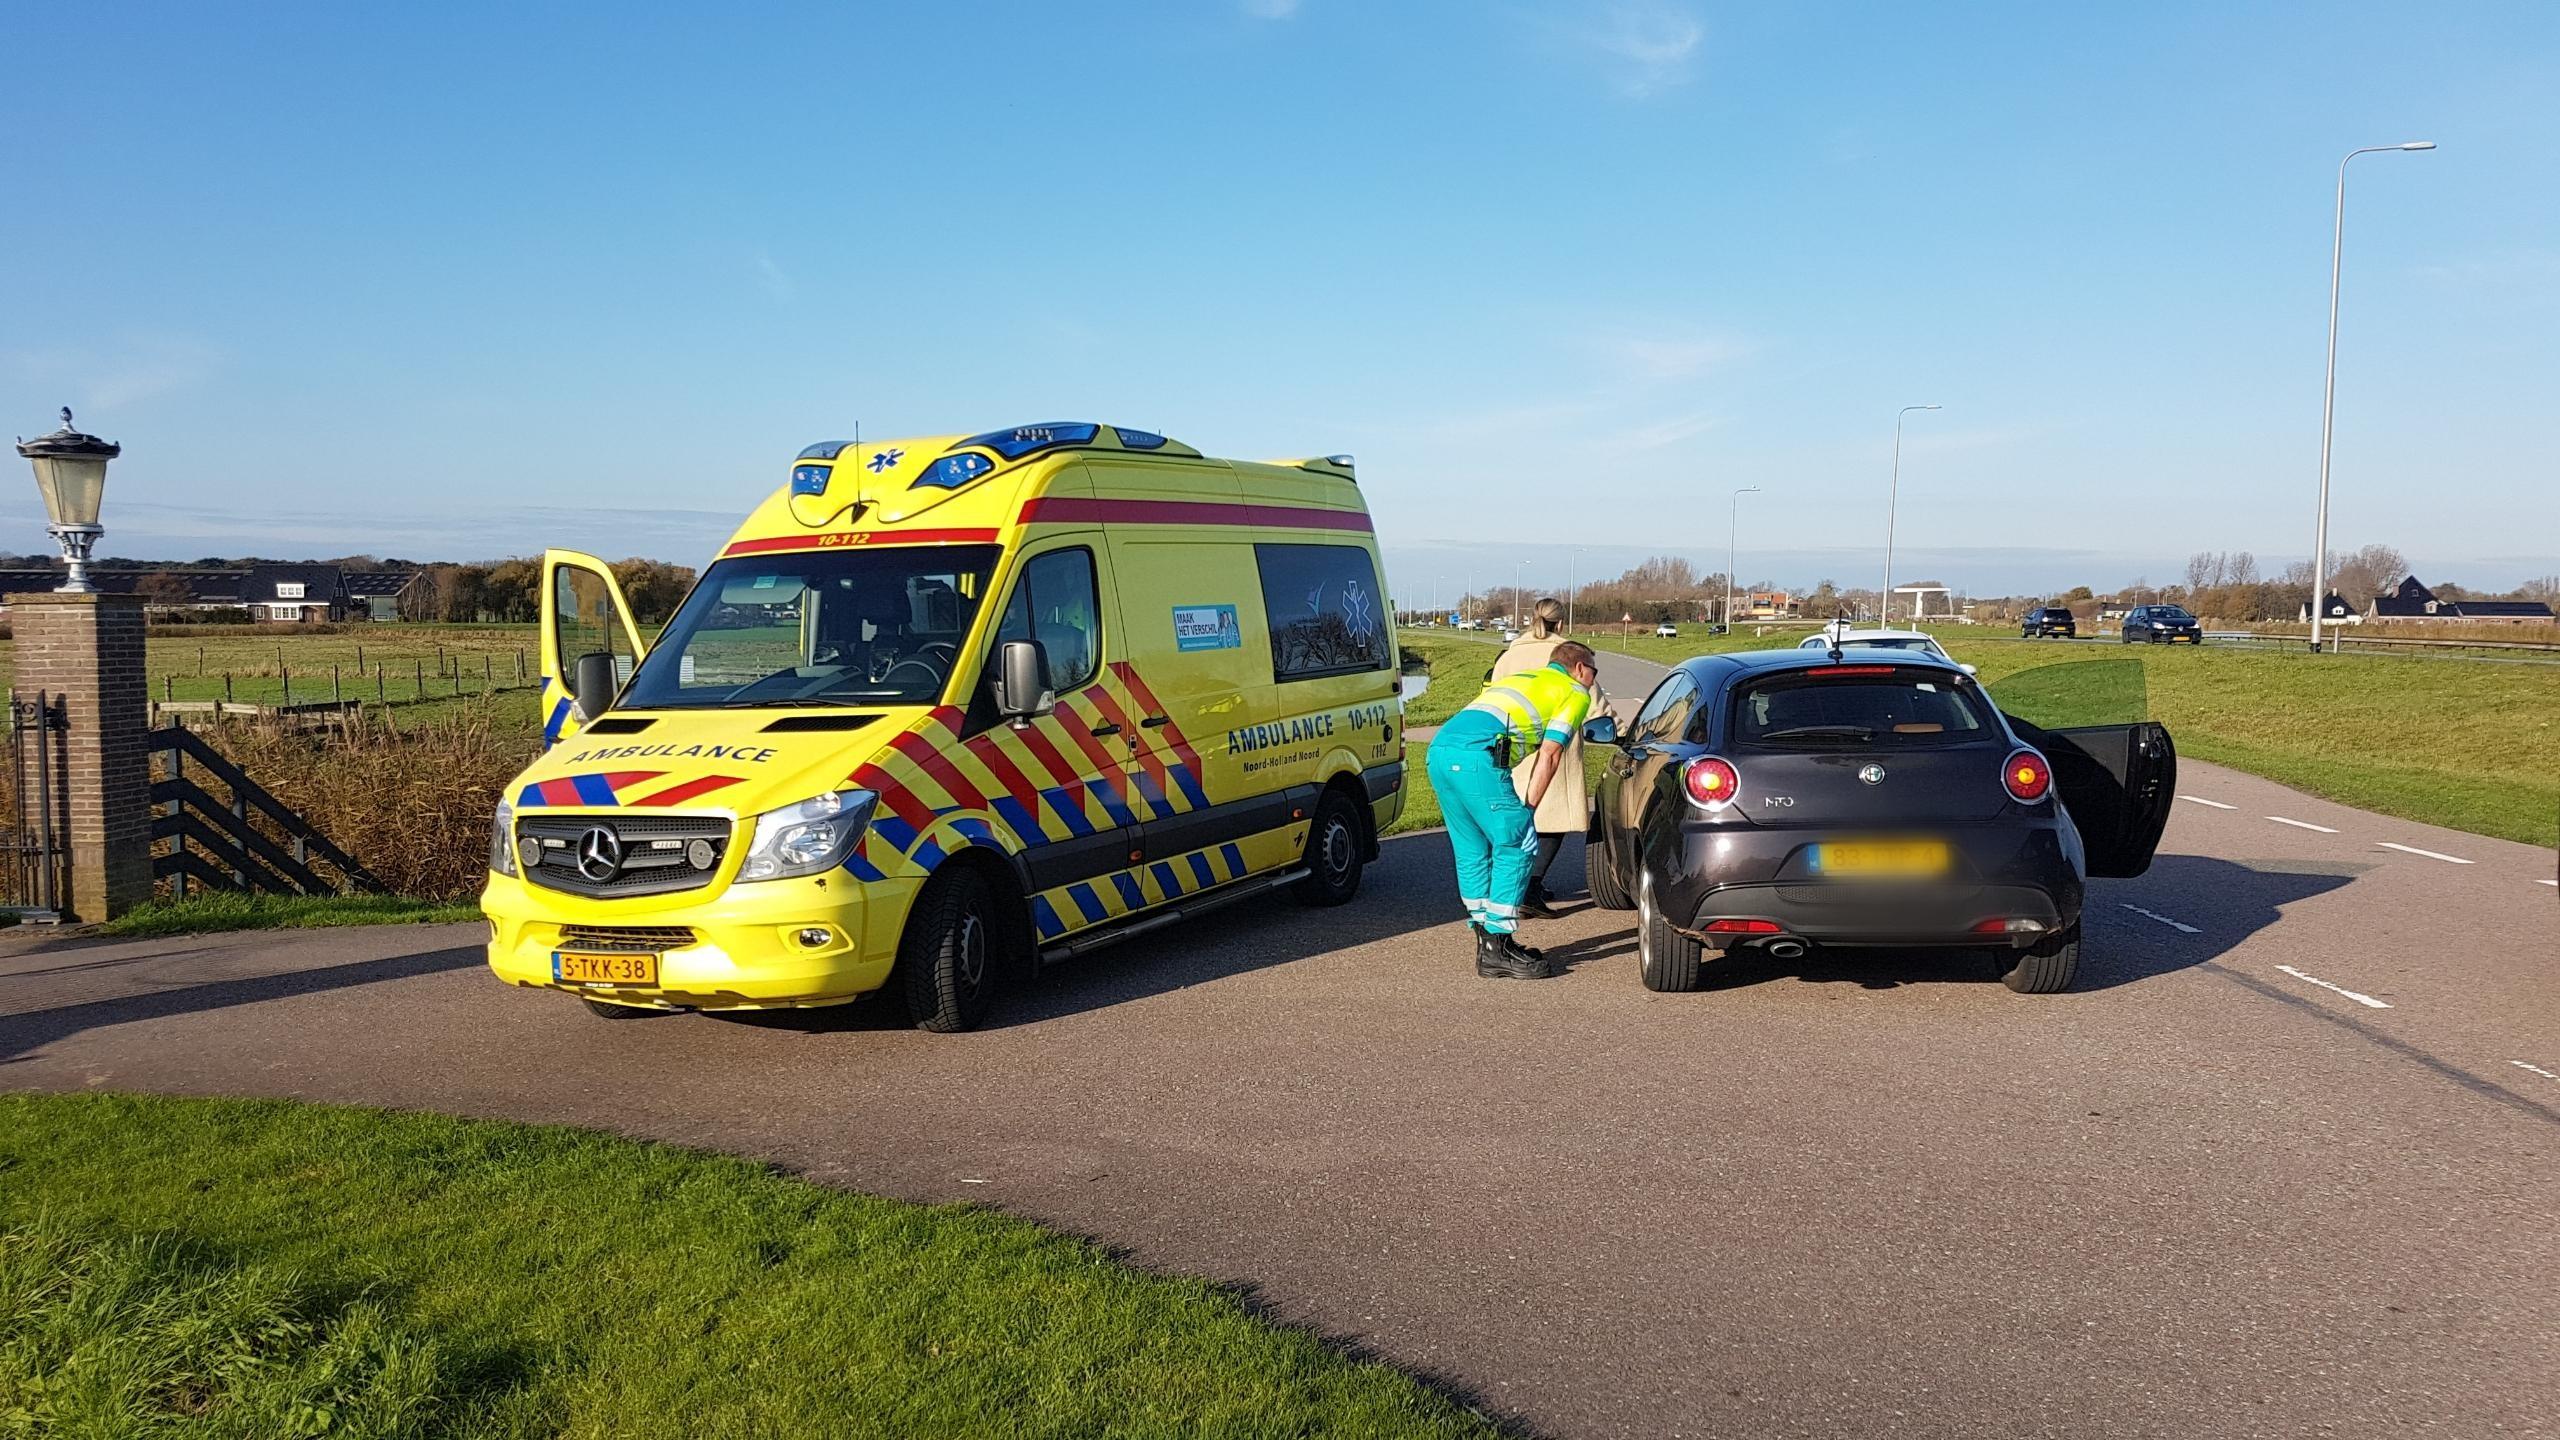 Hoogzwangere vrouw lichtgewond bij aanrijding, bestuurder ri... - Noordhollands Dagblad